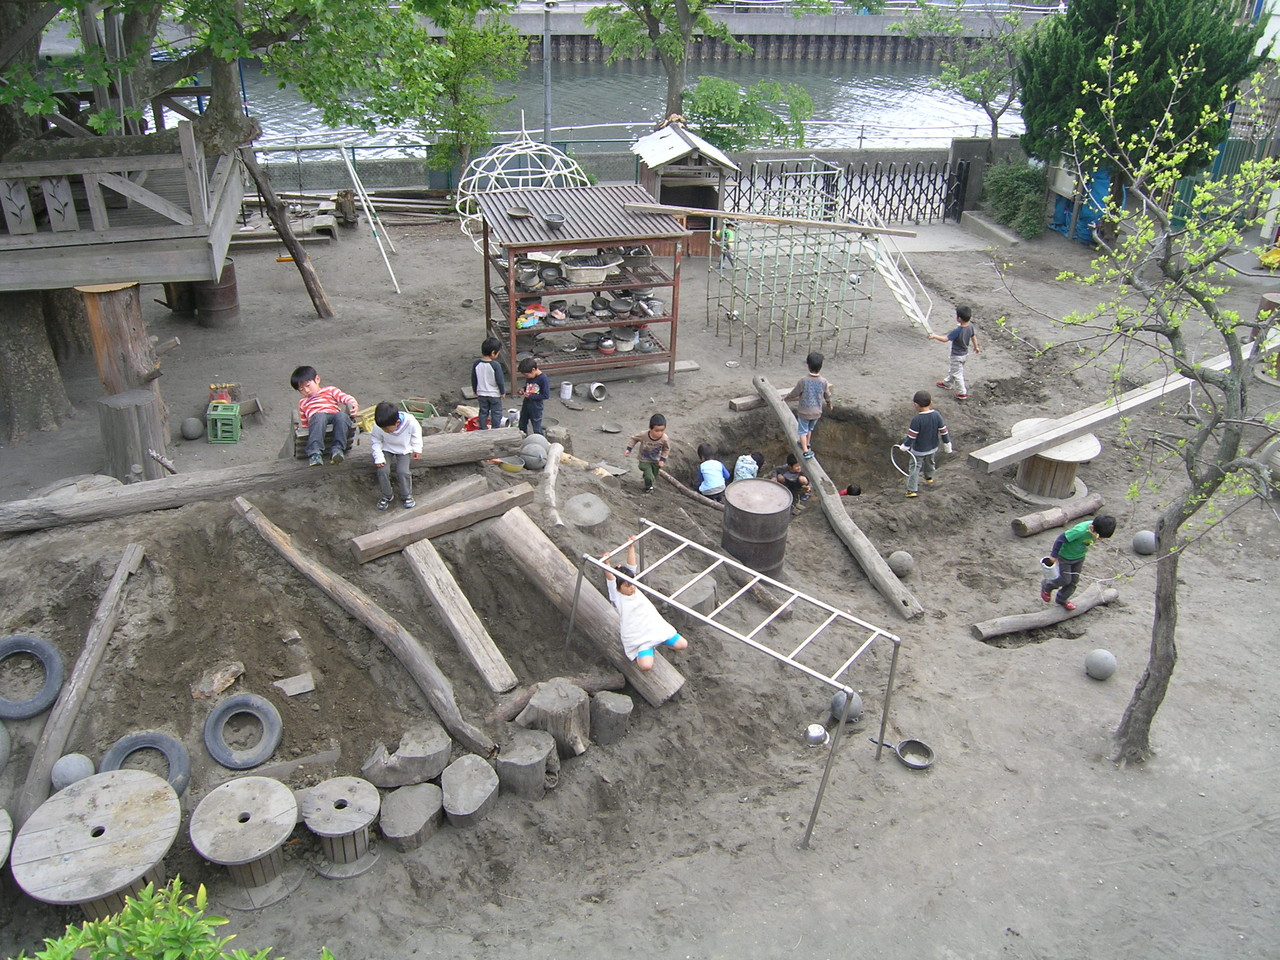 2013年のテーマは「山と穴」。山の上にいると猿時代の記憶がくすぐられる。